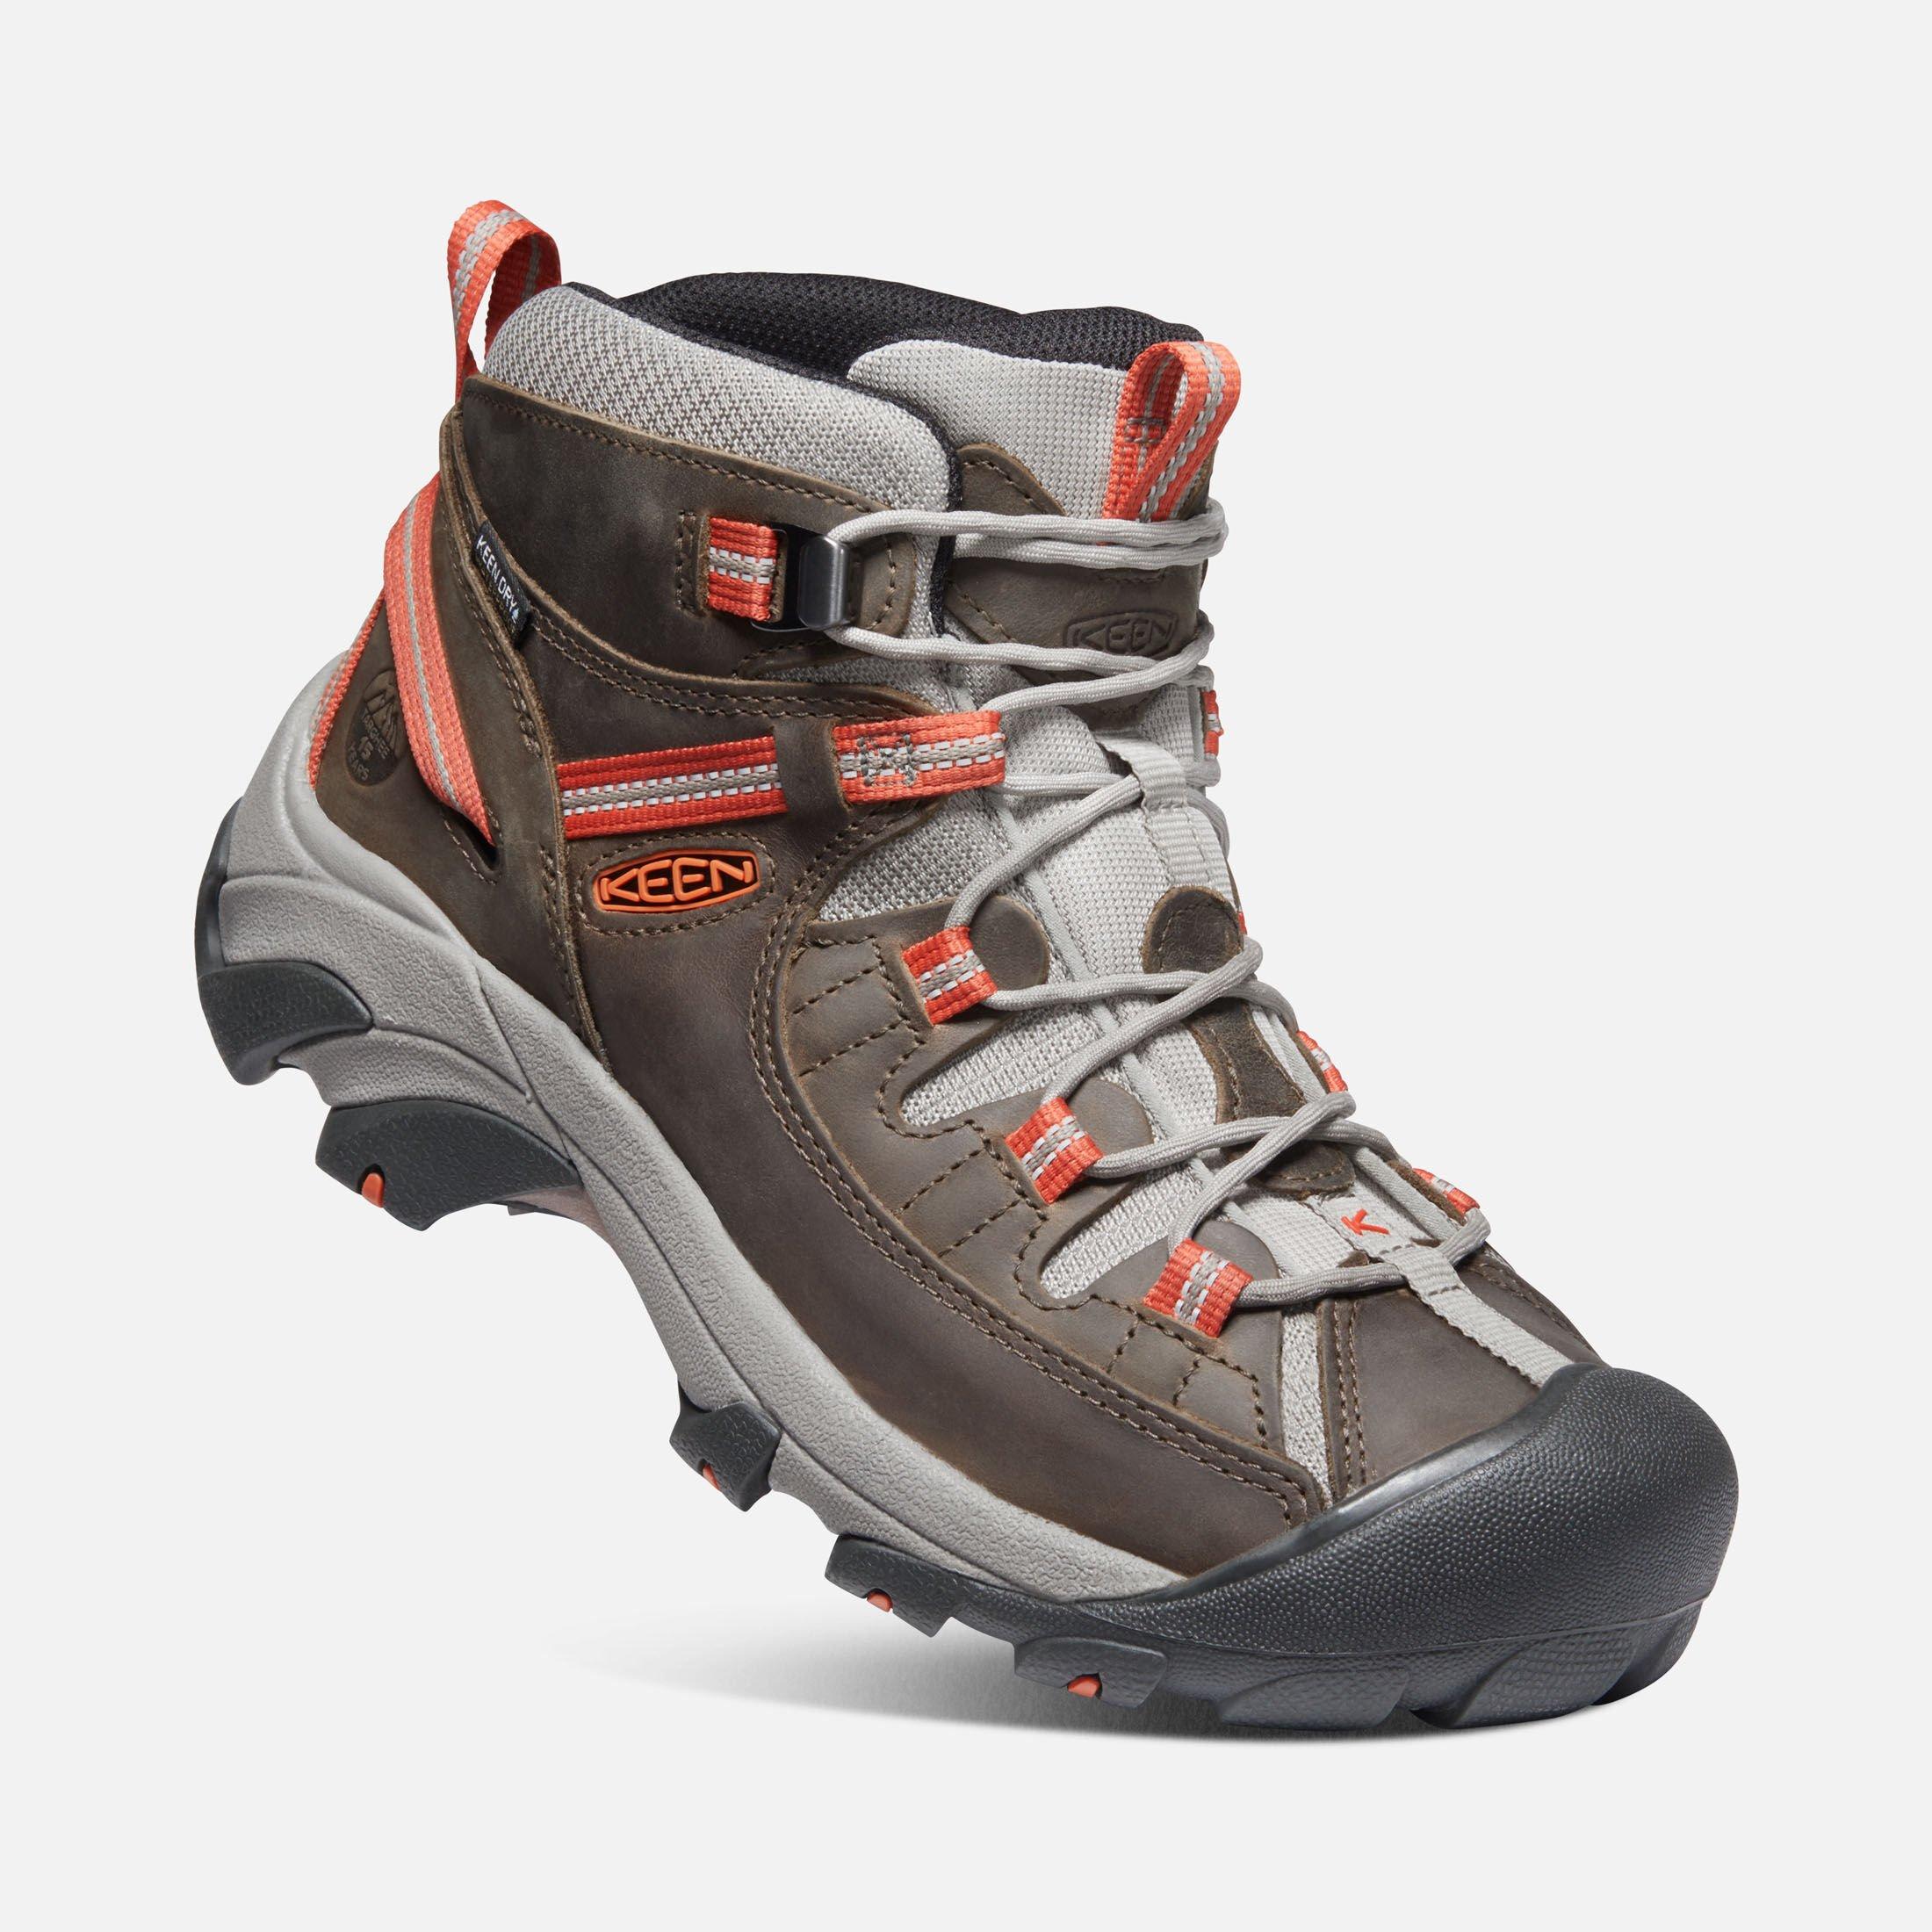 Targhee II Mid WP Boot - Men's